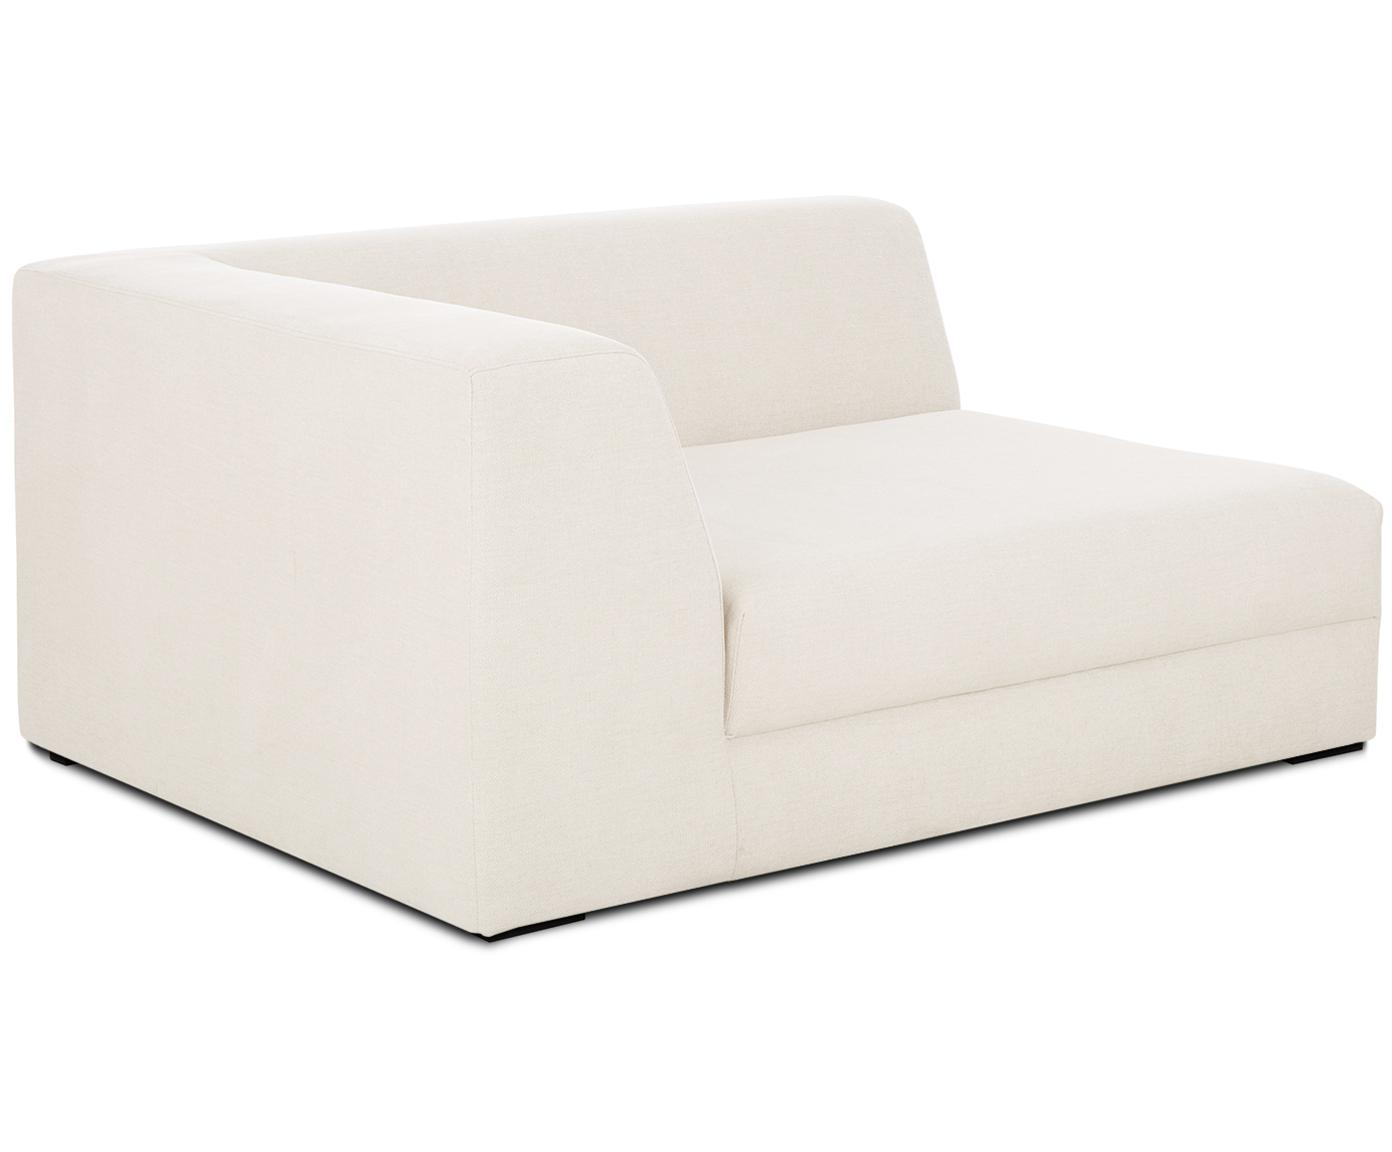 Chaise longue angolare modulare Grant, Rivestimento: cotone 20.000 cicli di sf, Struttura: legno di abete, Piedini: legno massello di faggio , Tessuto beige, Larg. 133 x Prof. 106 cm